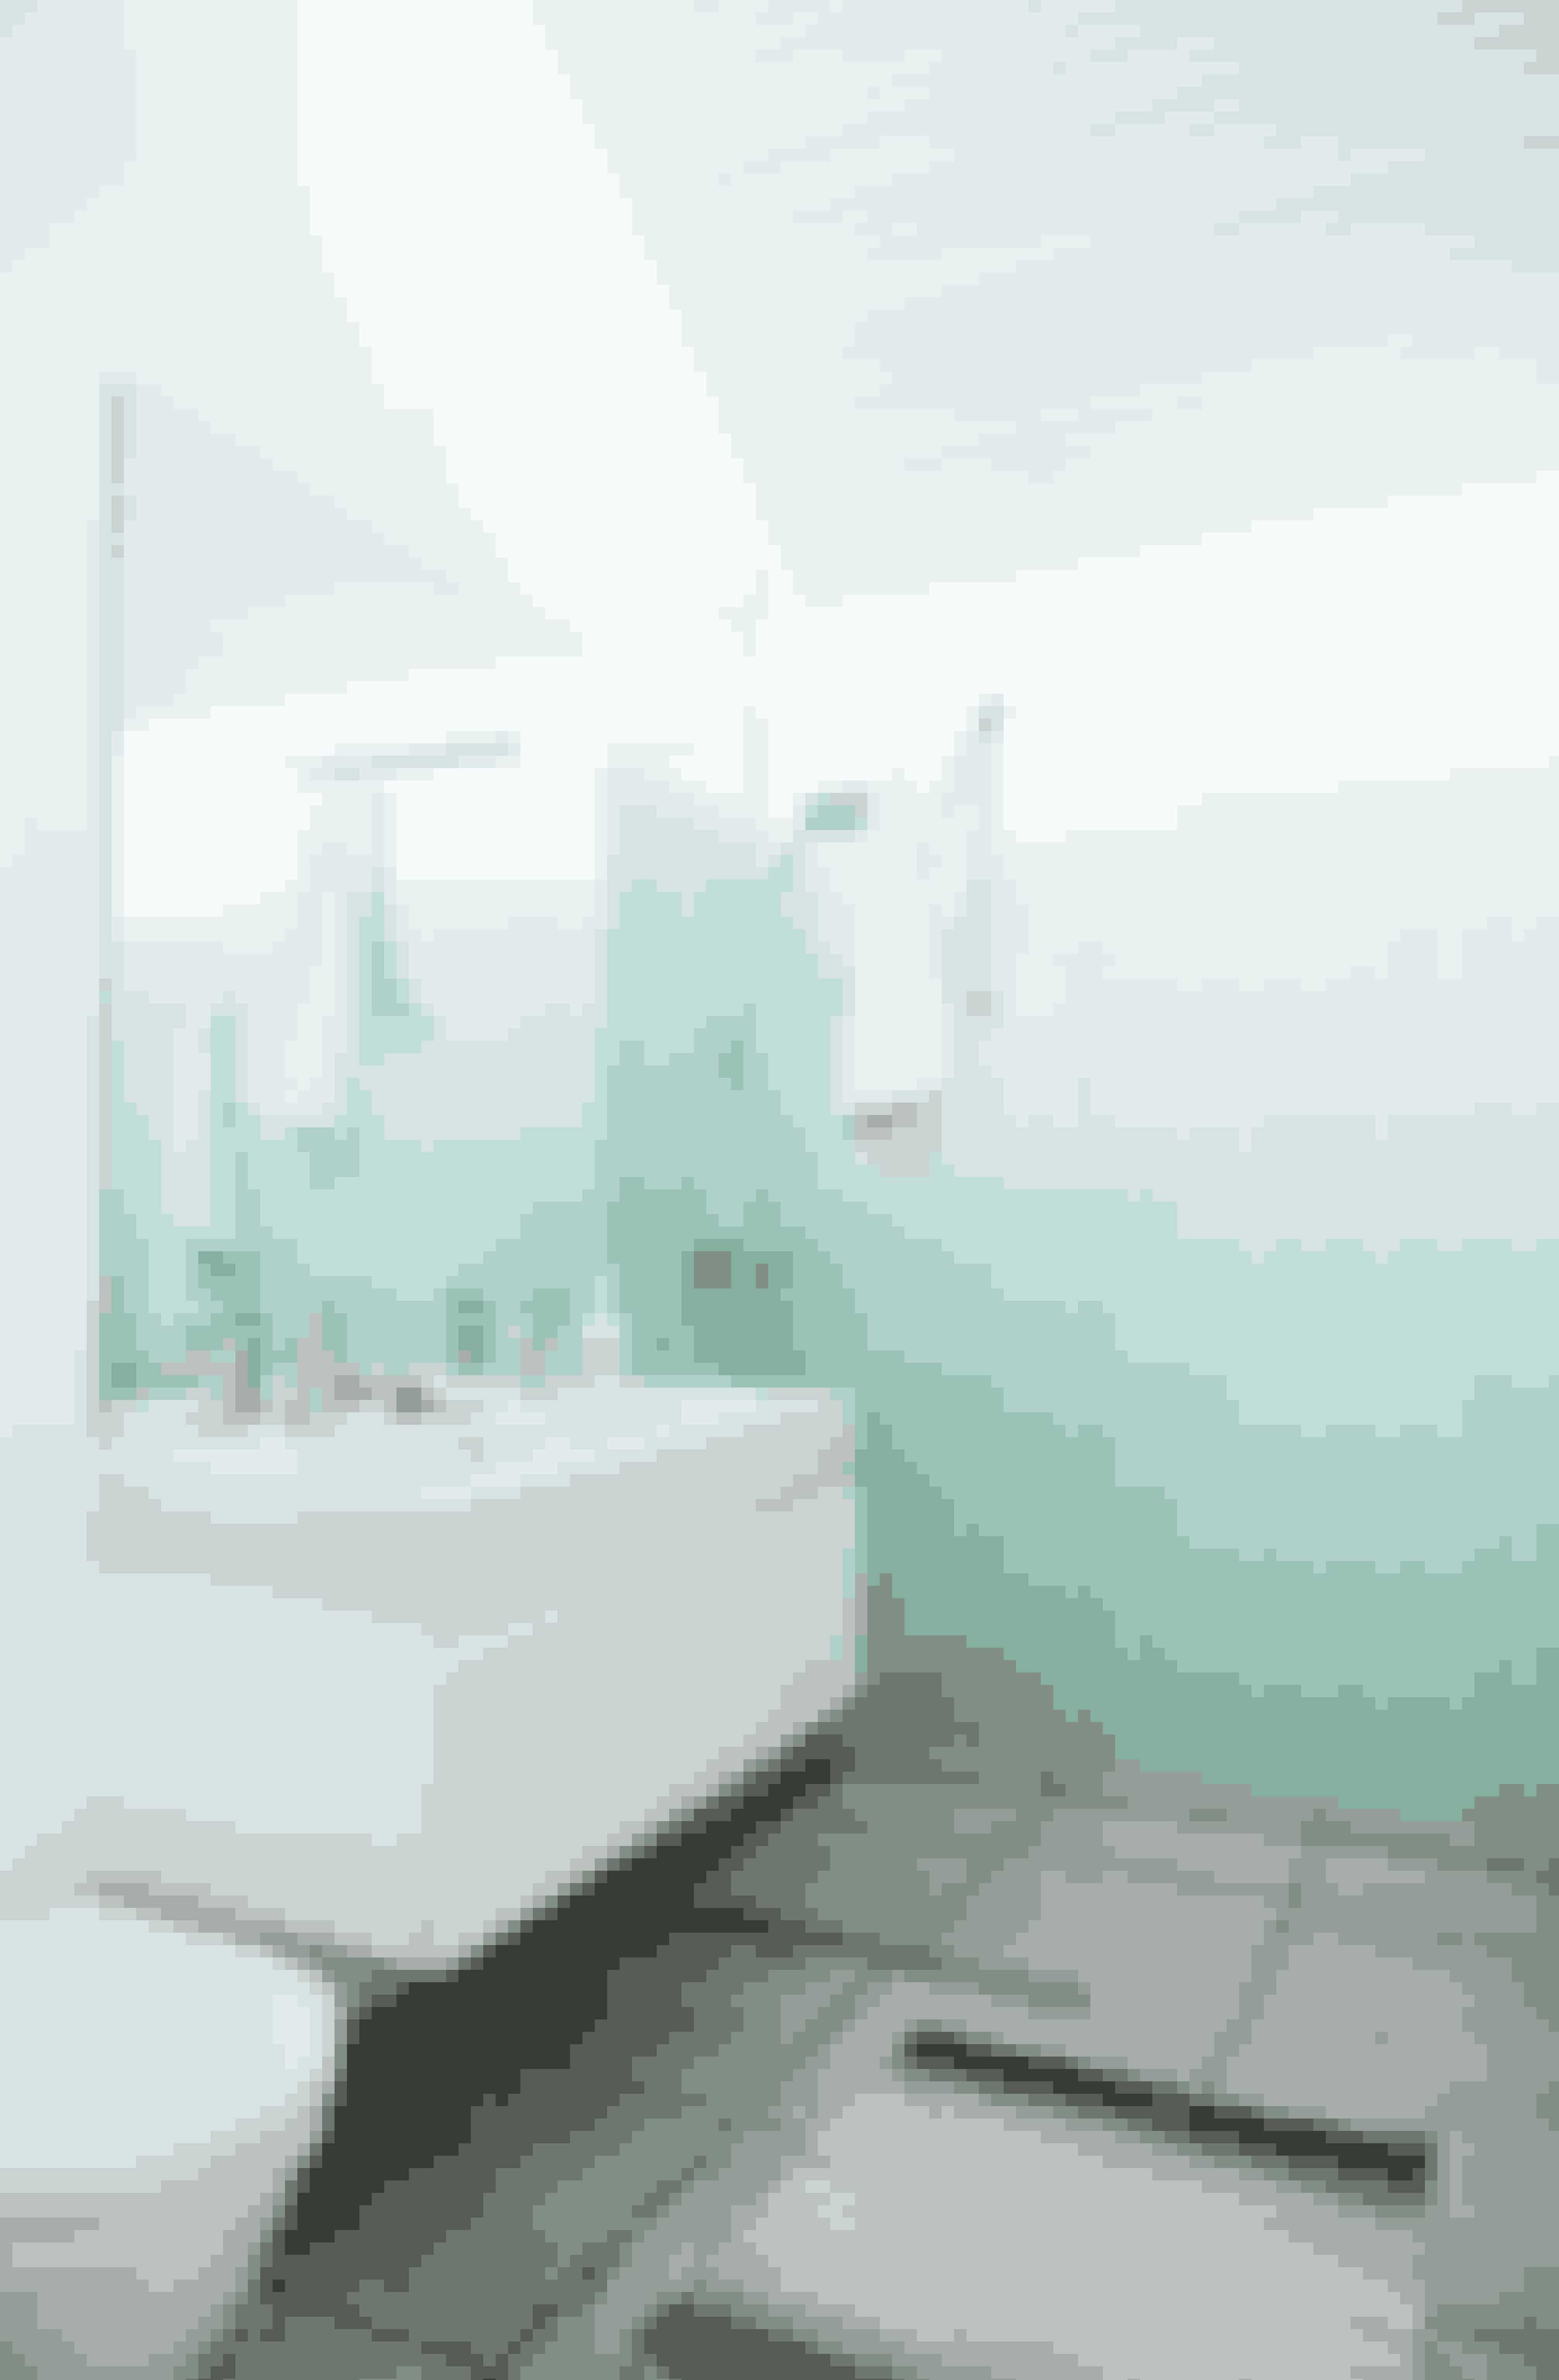 Kolde farver er gode på et badeværelse, hvis du gerne vil udstråle ro og renhed.